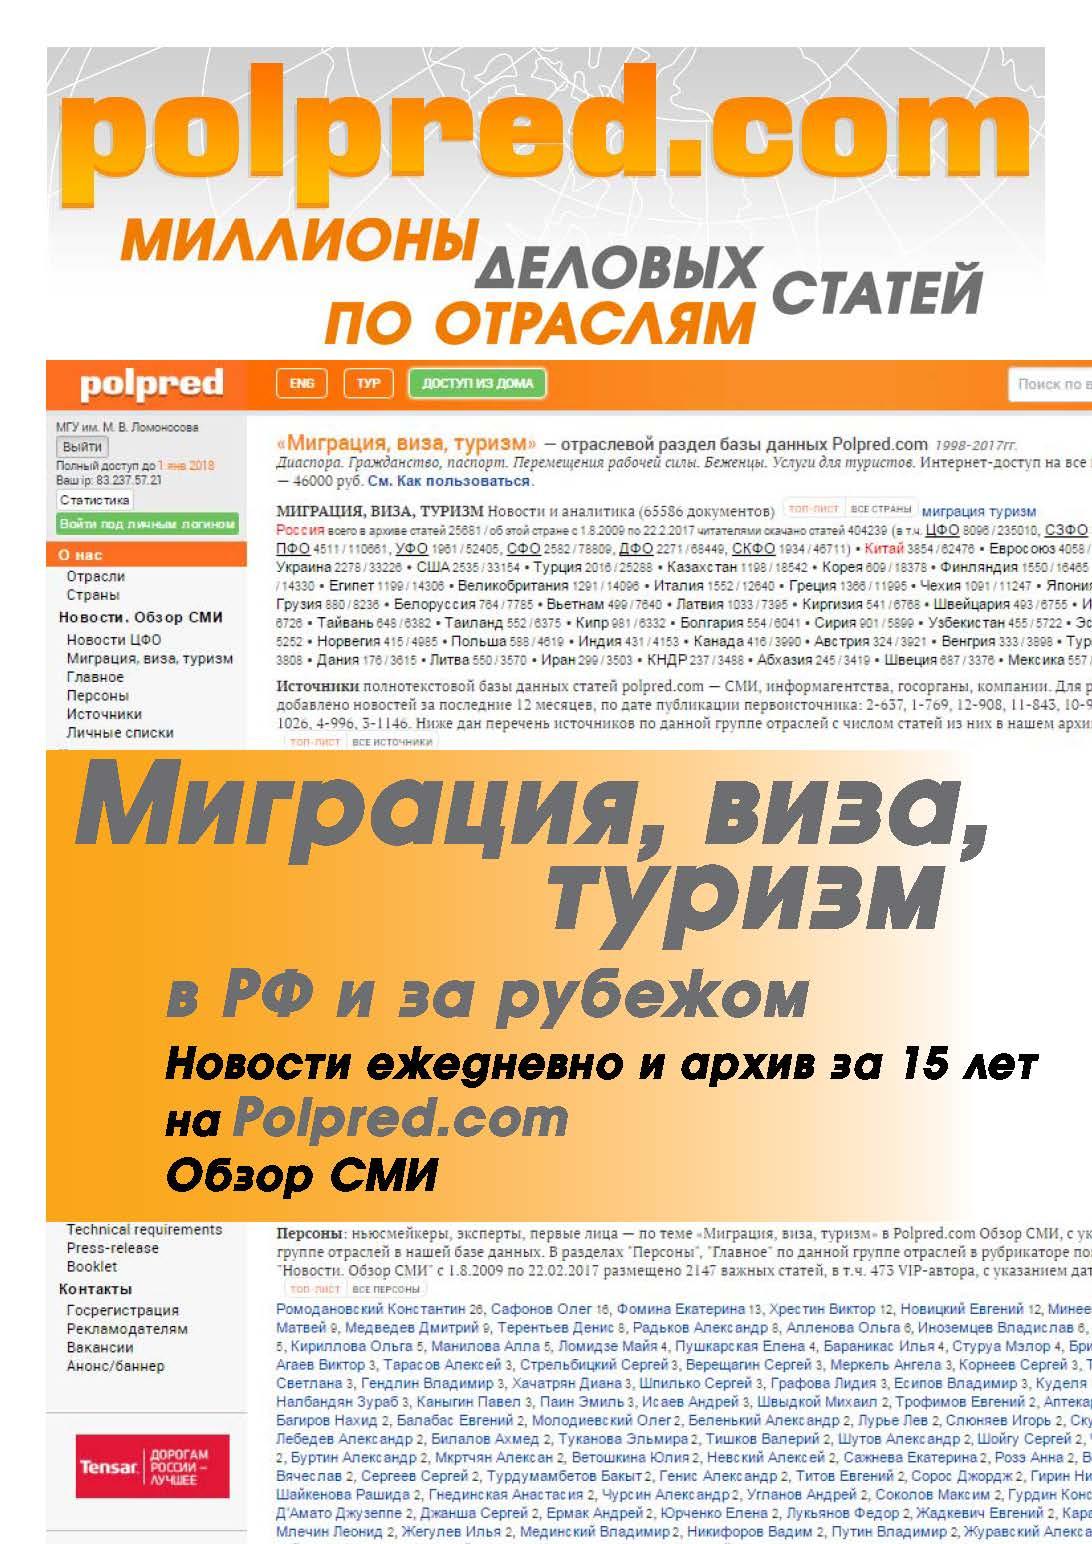 Трудовой договор для фмс в москве Федора Полетаева улица помощь в получении ипотеки с плохой кредитной историей в уфе